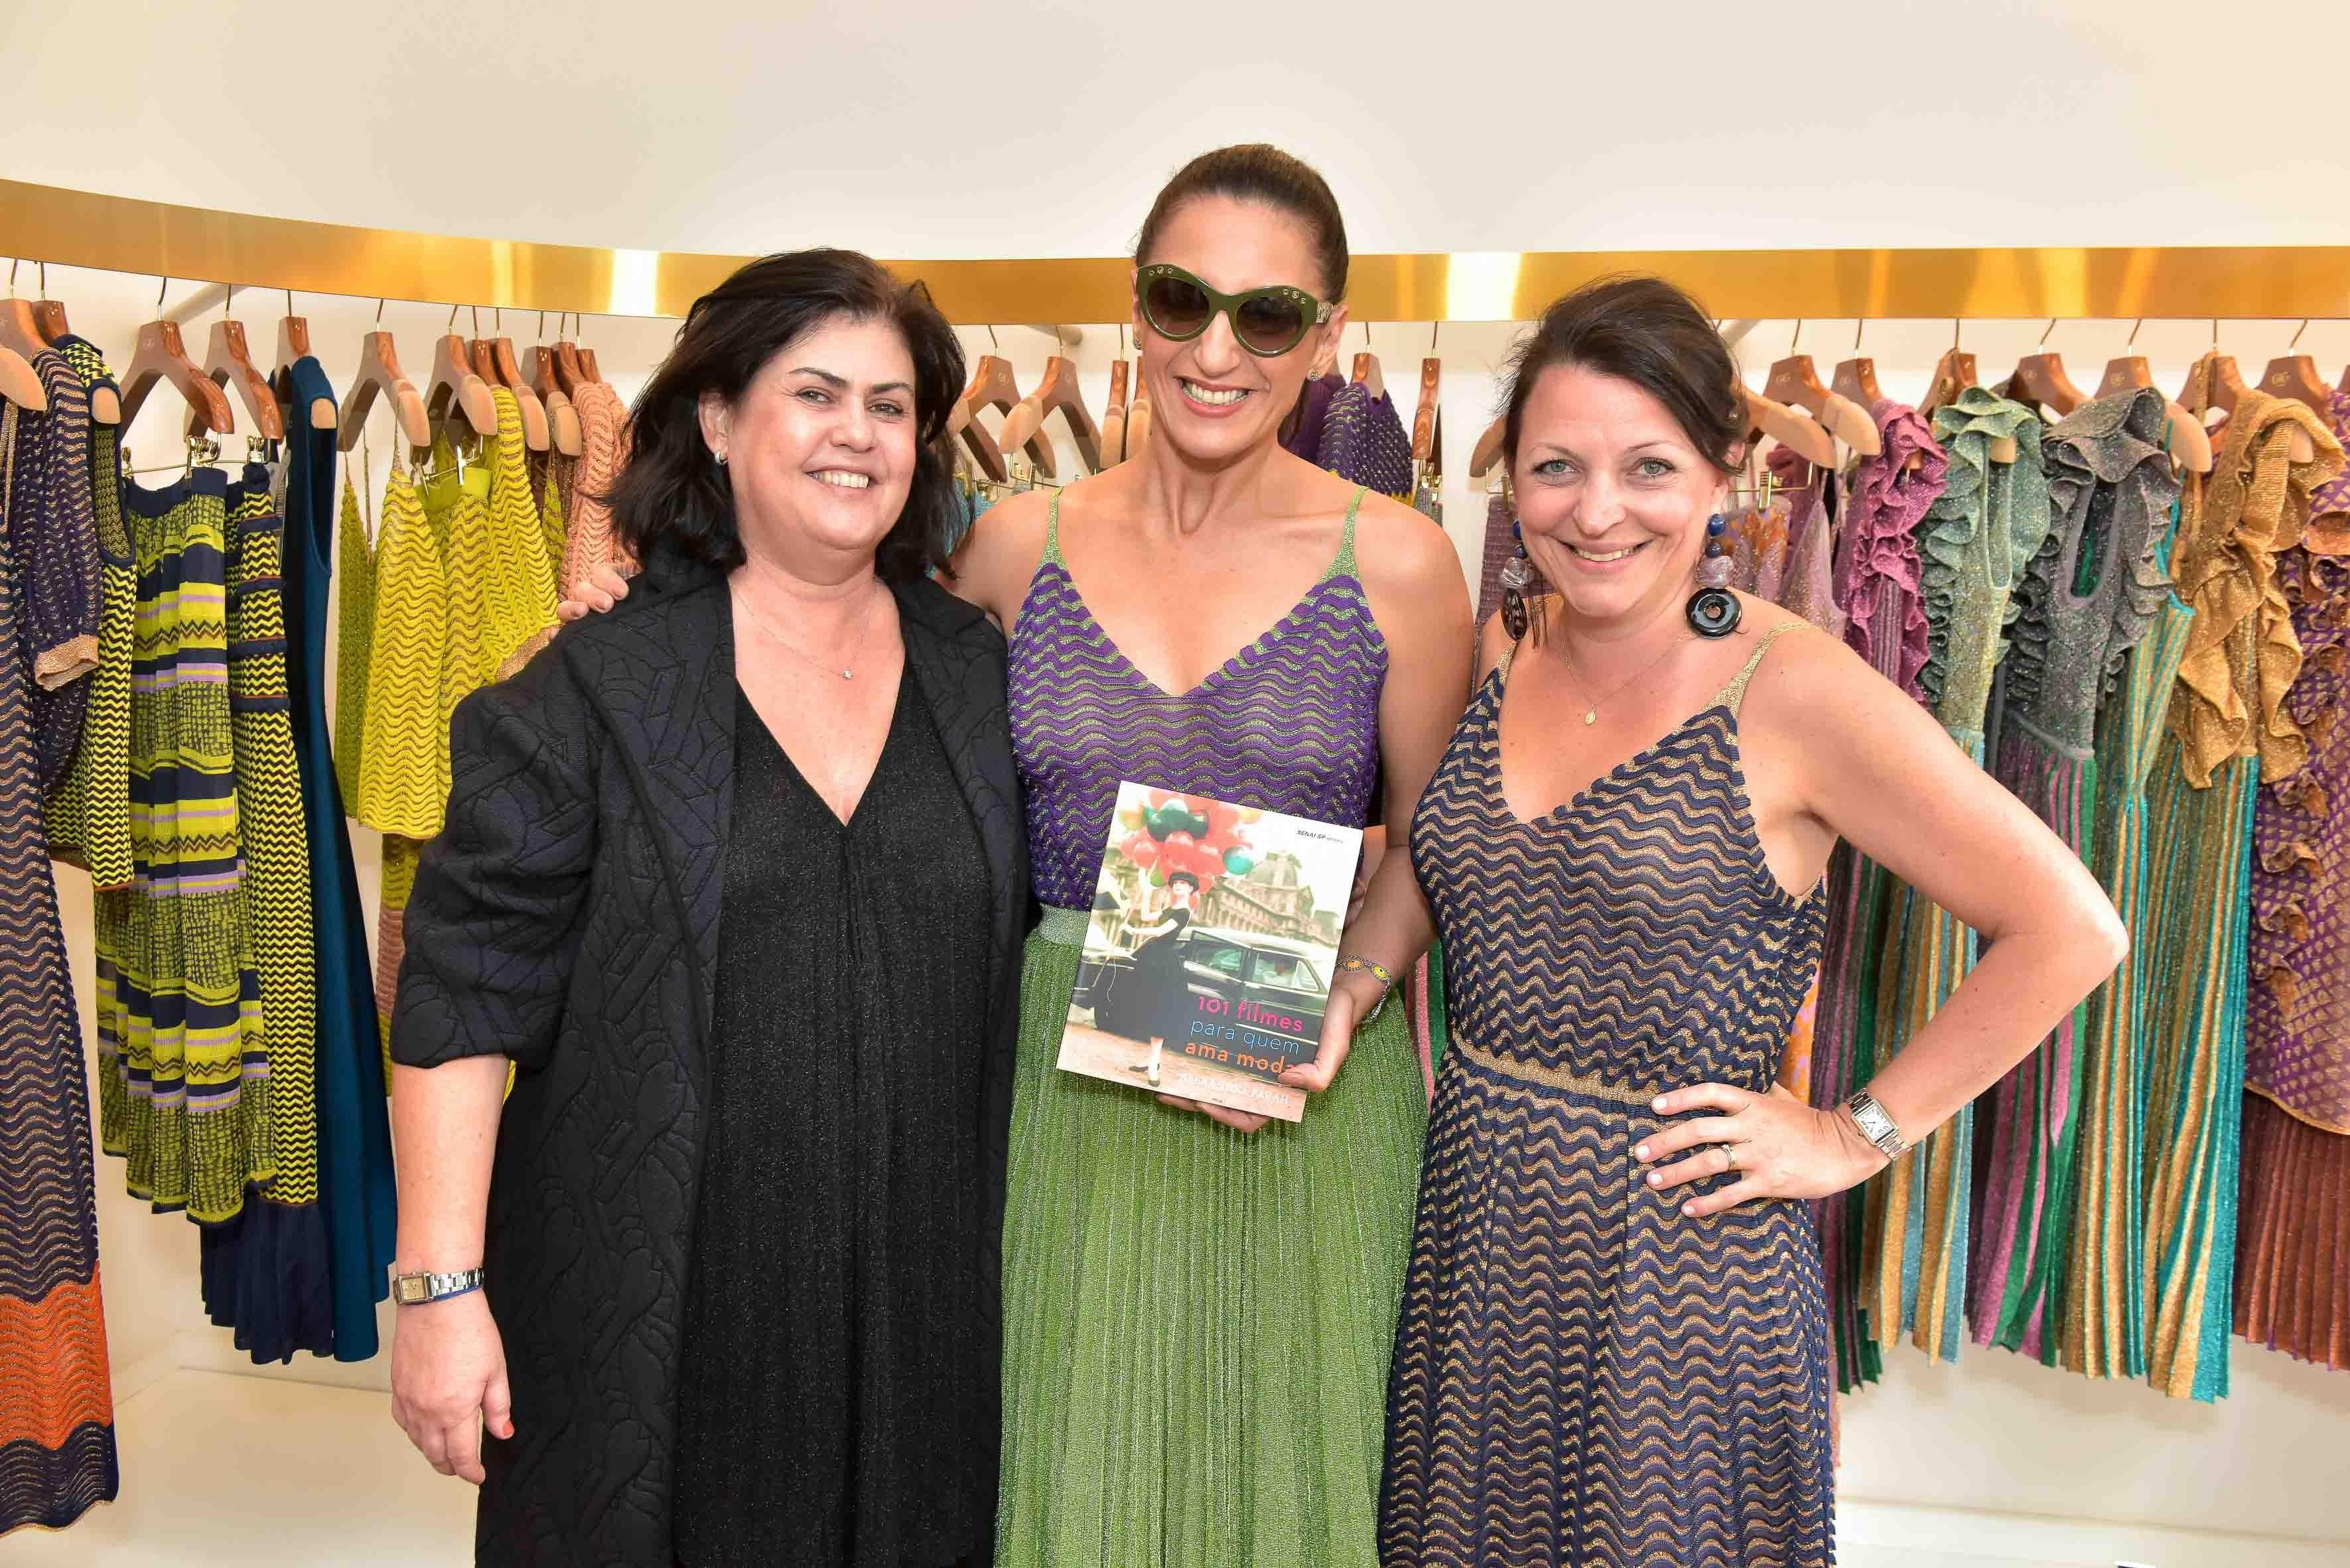 Patricia Schettino, Alê Farah e Gina Guerra  (Foto: Divulgação)